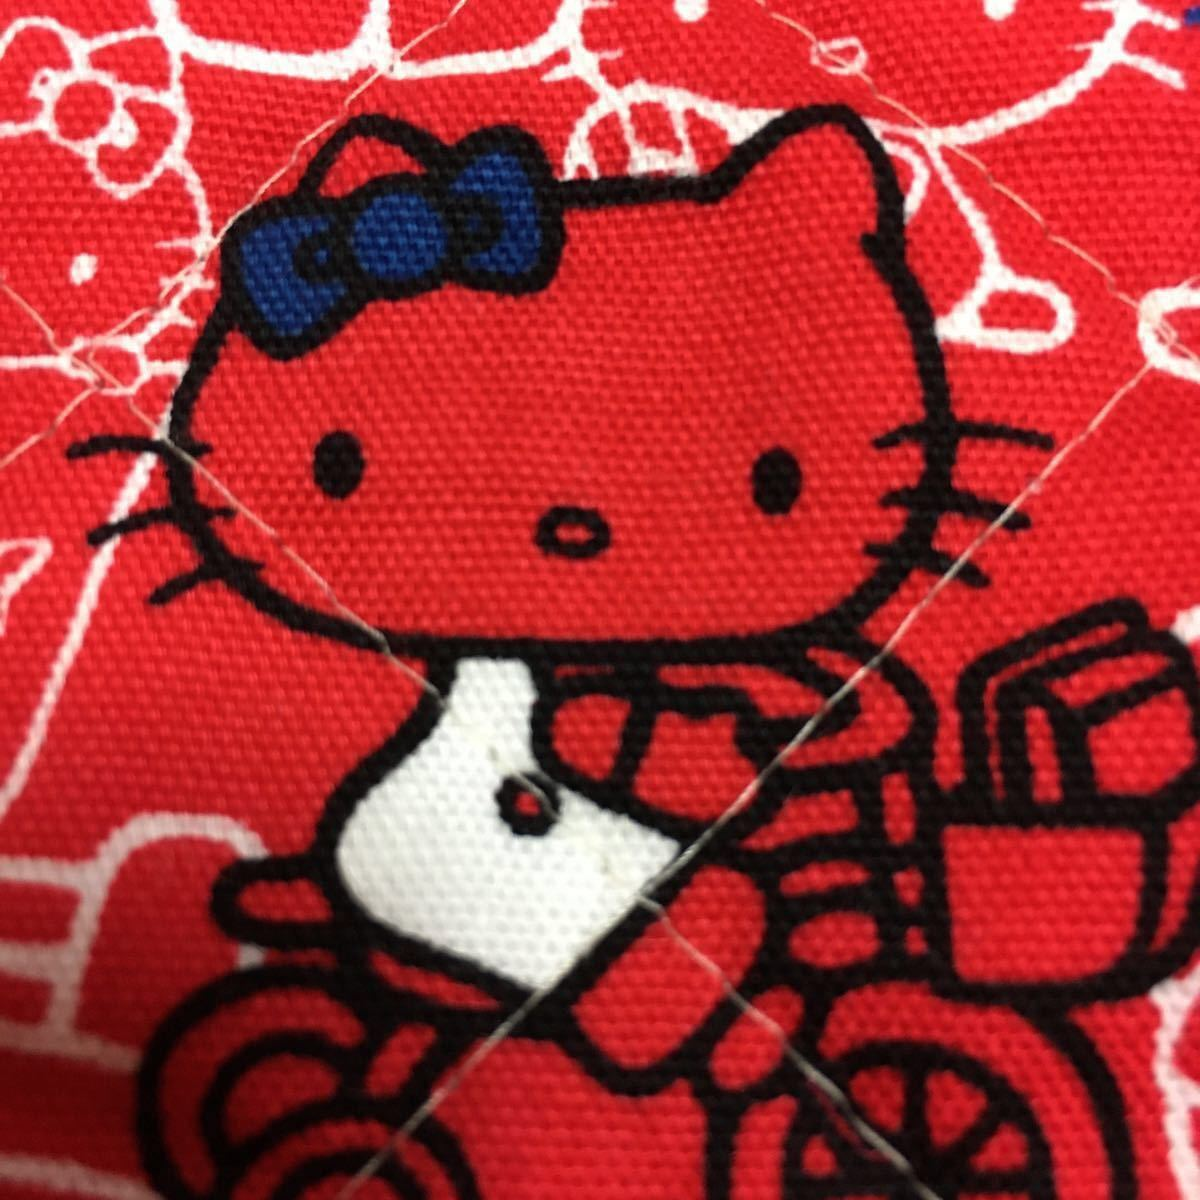 綿キルティング:ハローキティ:キティ&ミミー:生地幅×50:生地ハギレ